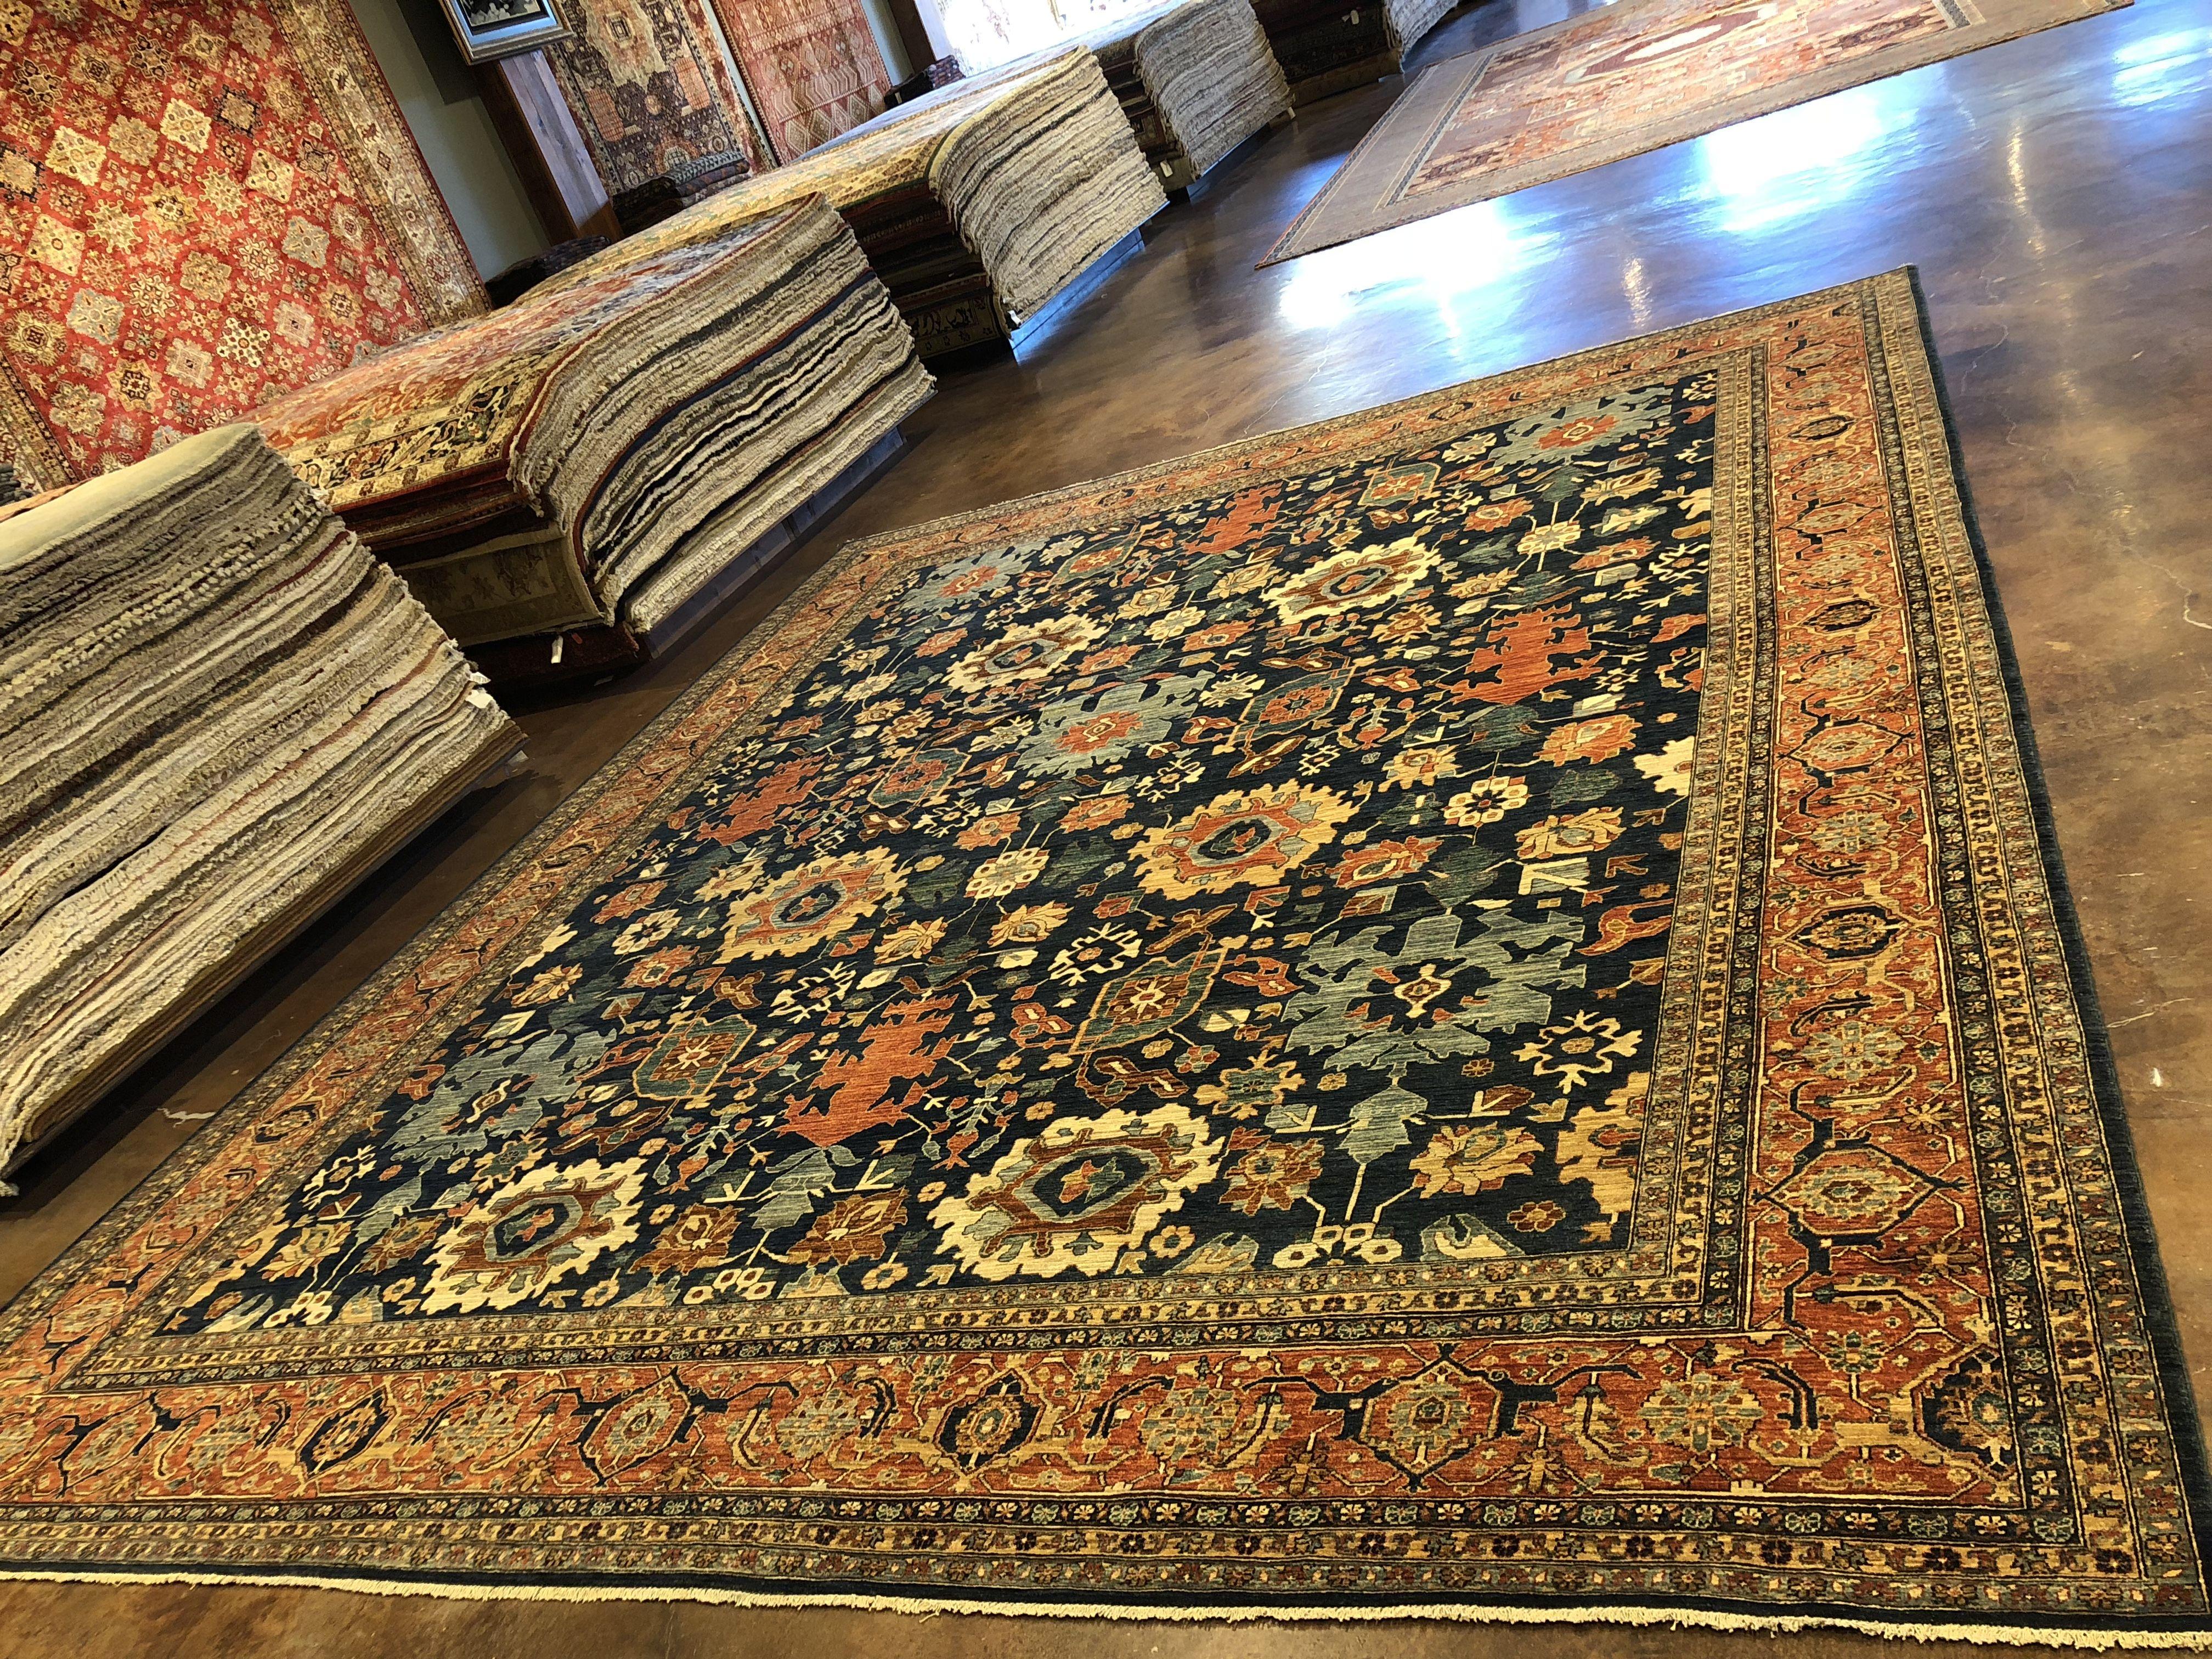 Tribal Rug 12x15 Handmade Oriental Rugs Rugs Discount Area Rugs